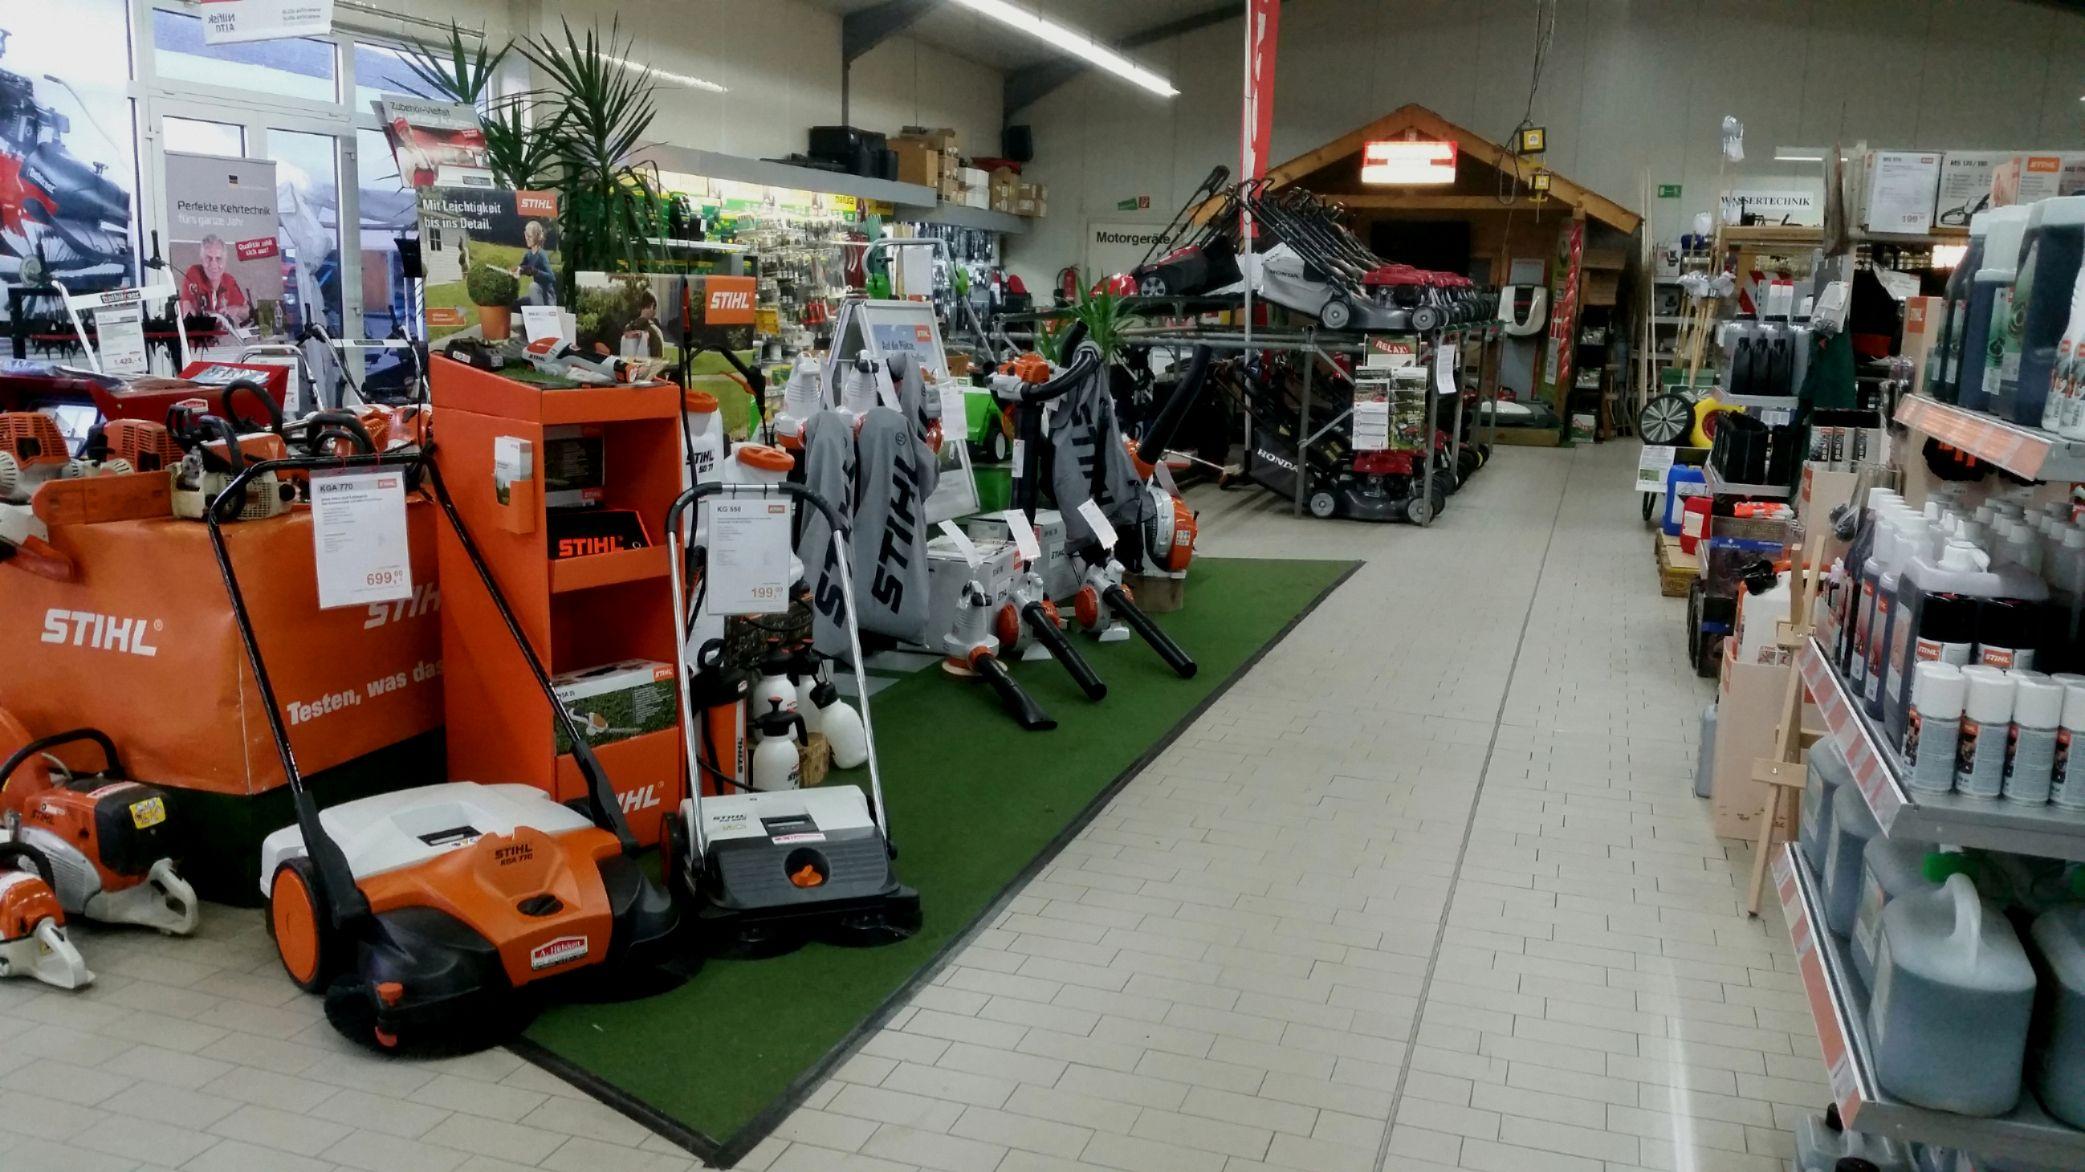 Anton Hülsken GmbH & Co. KG – Land- und Gartentechnik